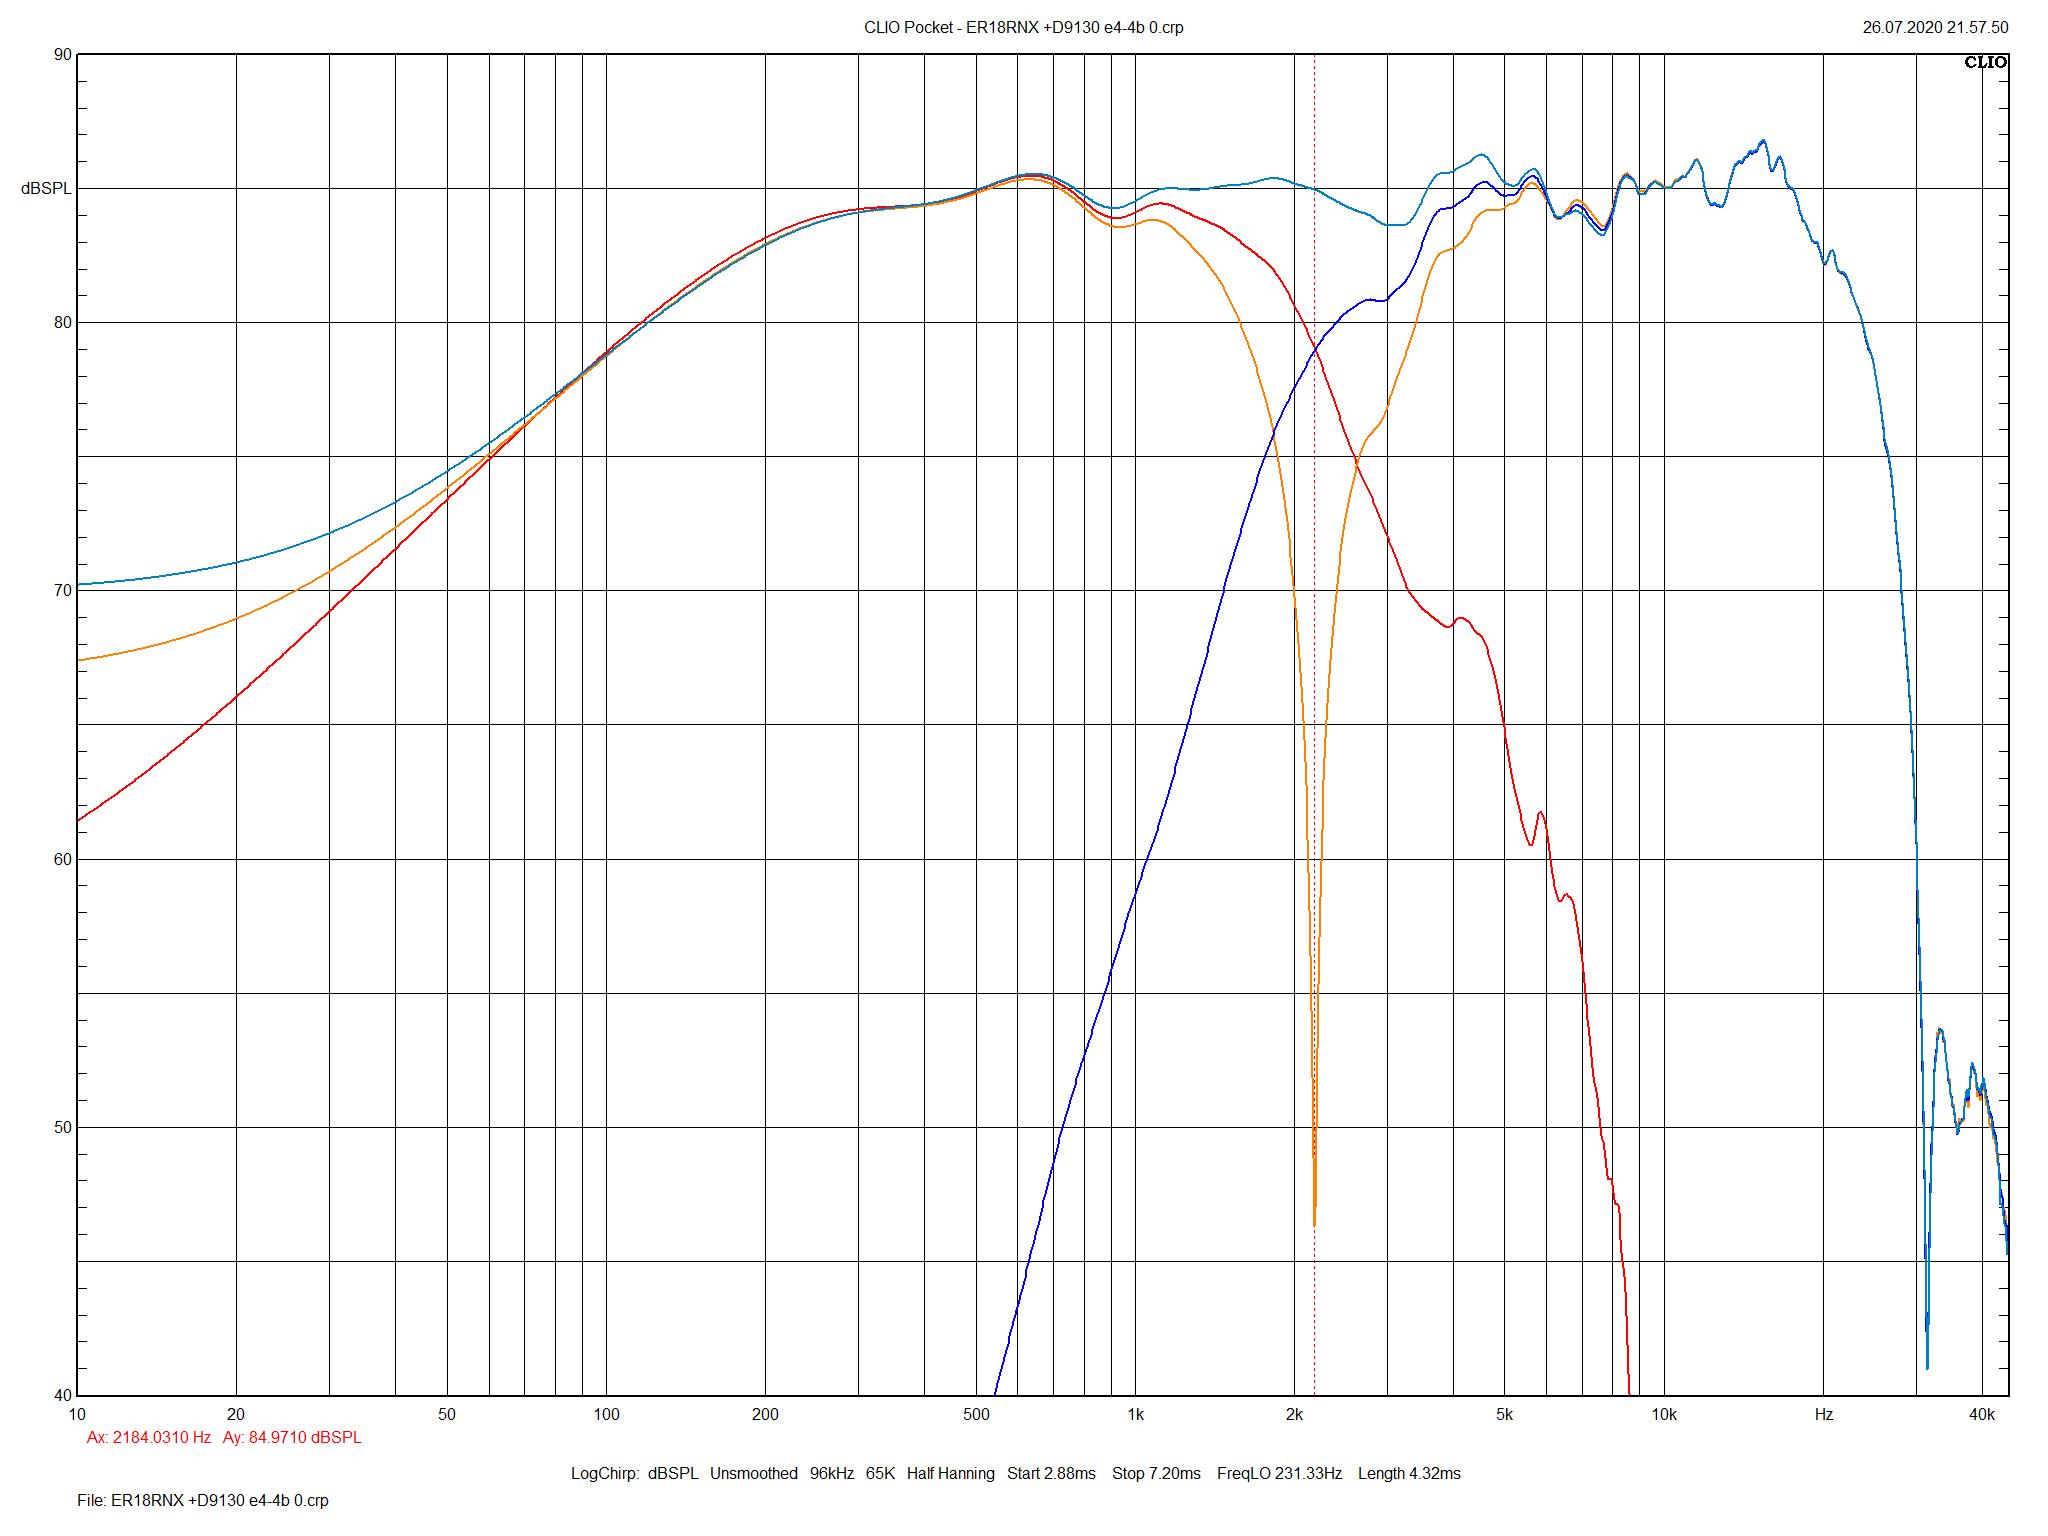 Klicke auf die Grafik für eine größere Ansicht  Name:4e4b.png Hits:134 Größe:105,1 KB ID:56008